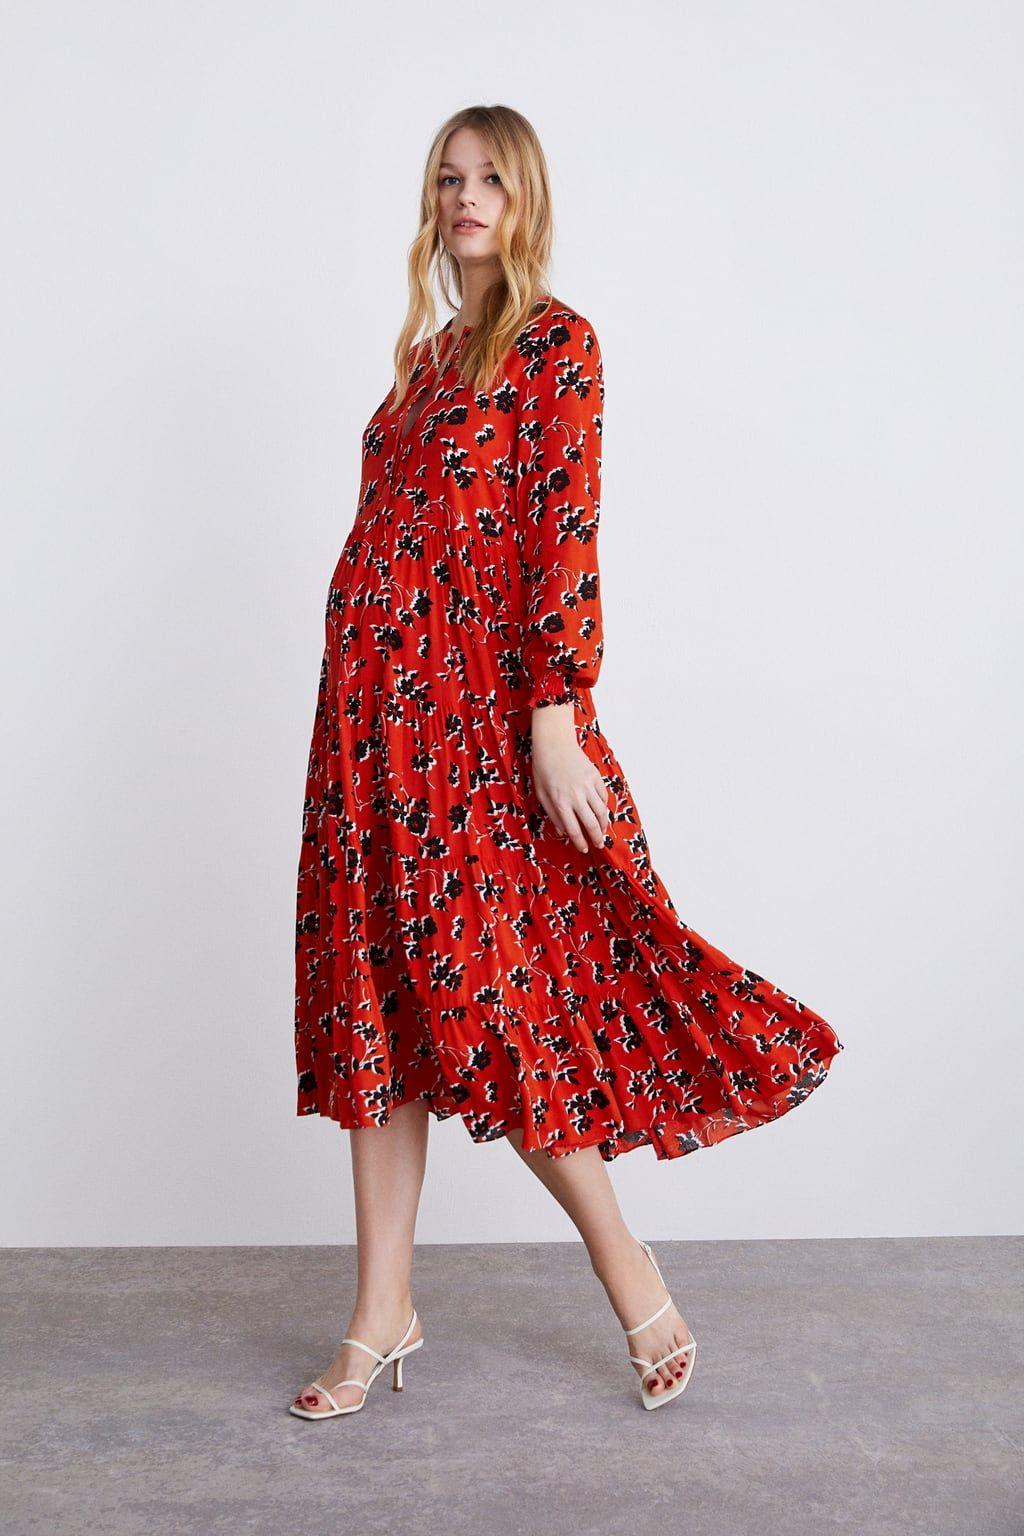 Vestido Estampado Floral Rotes Midi Kleid Kleider Rotes Blumen Kleid